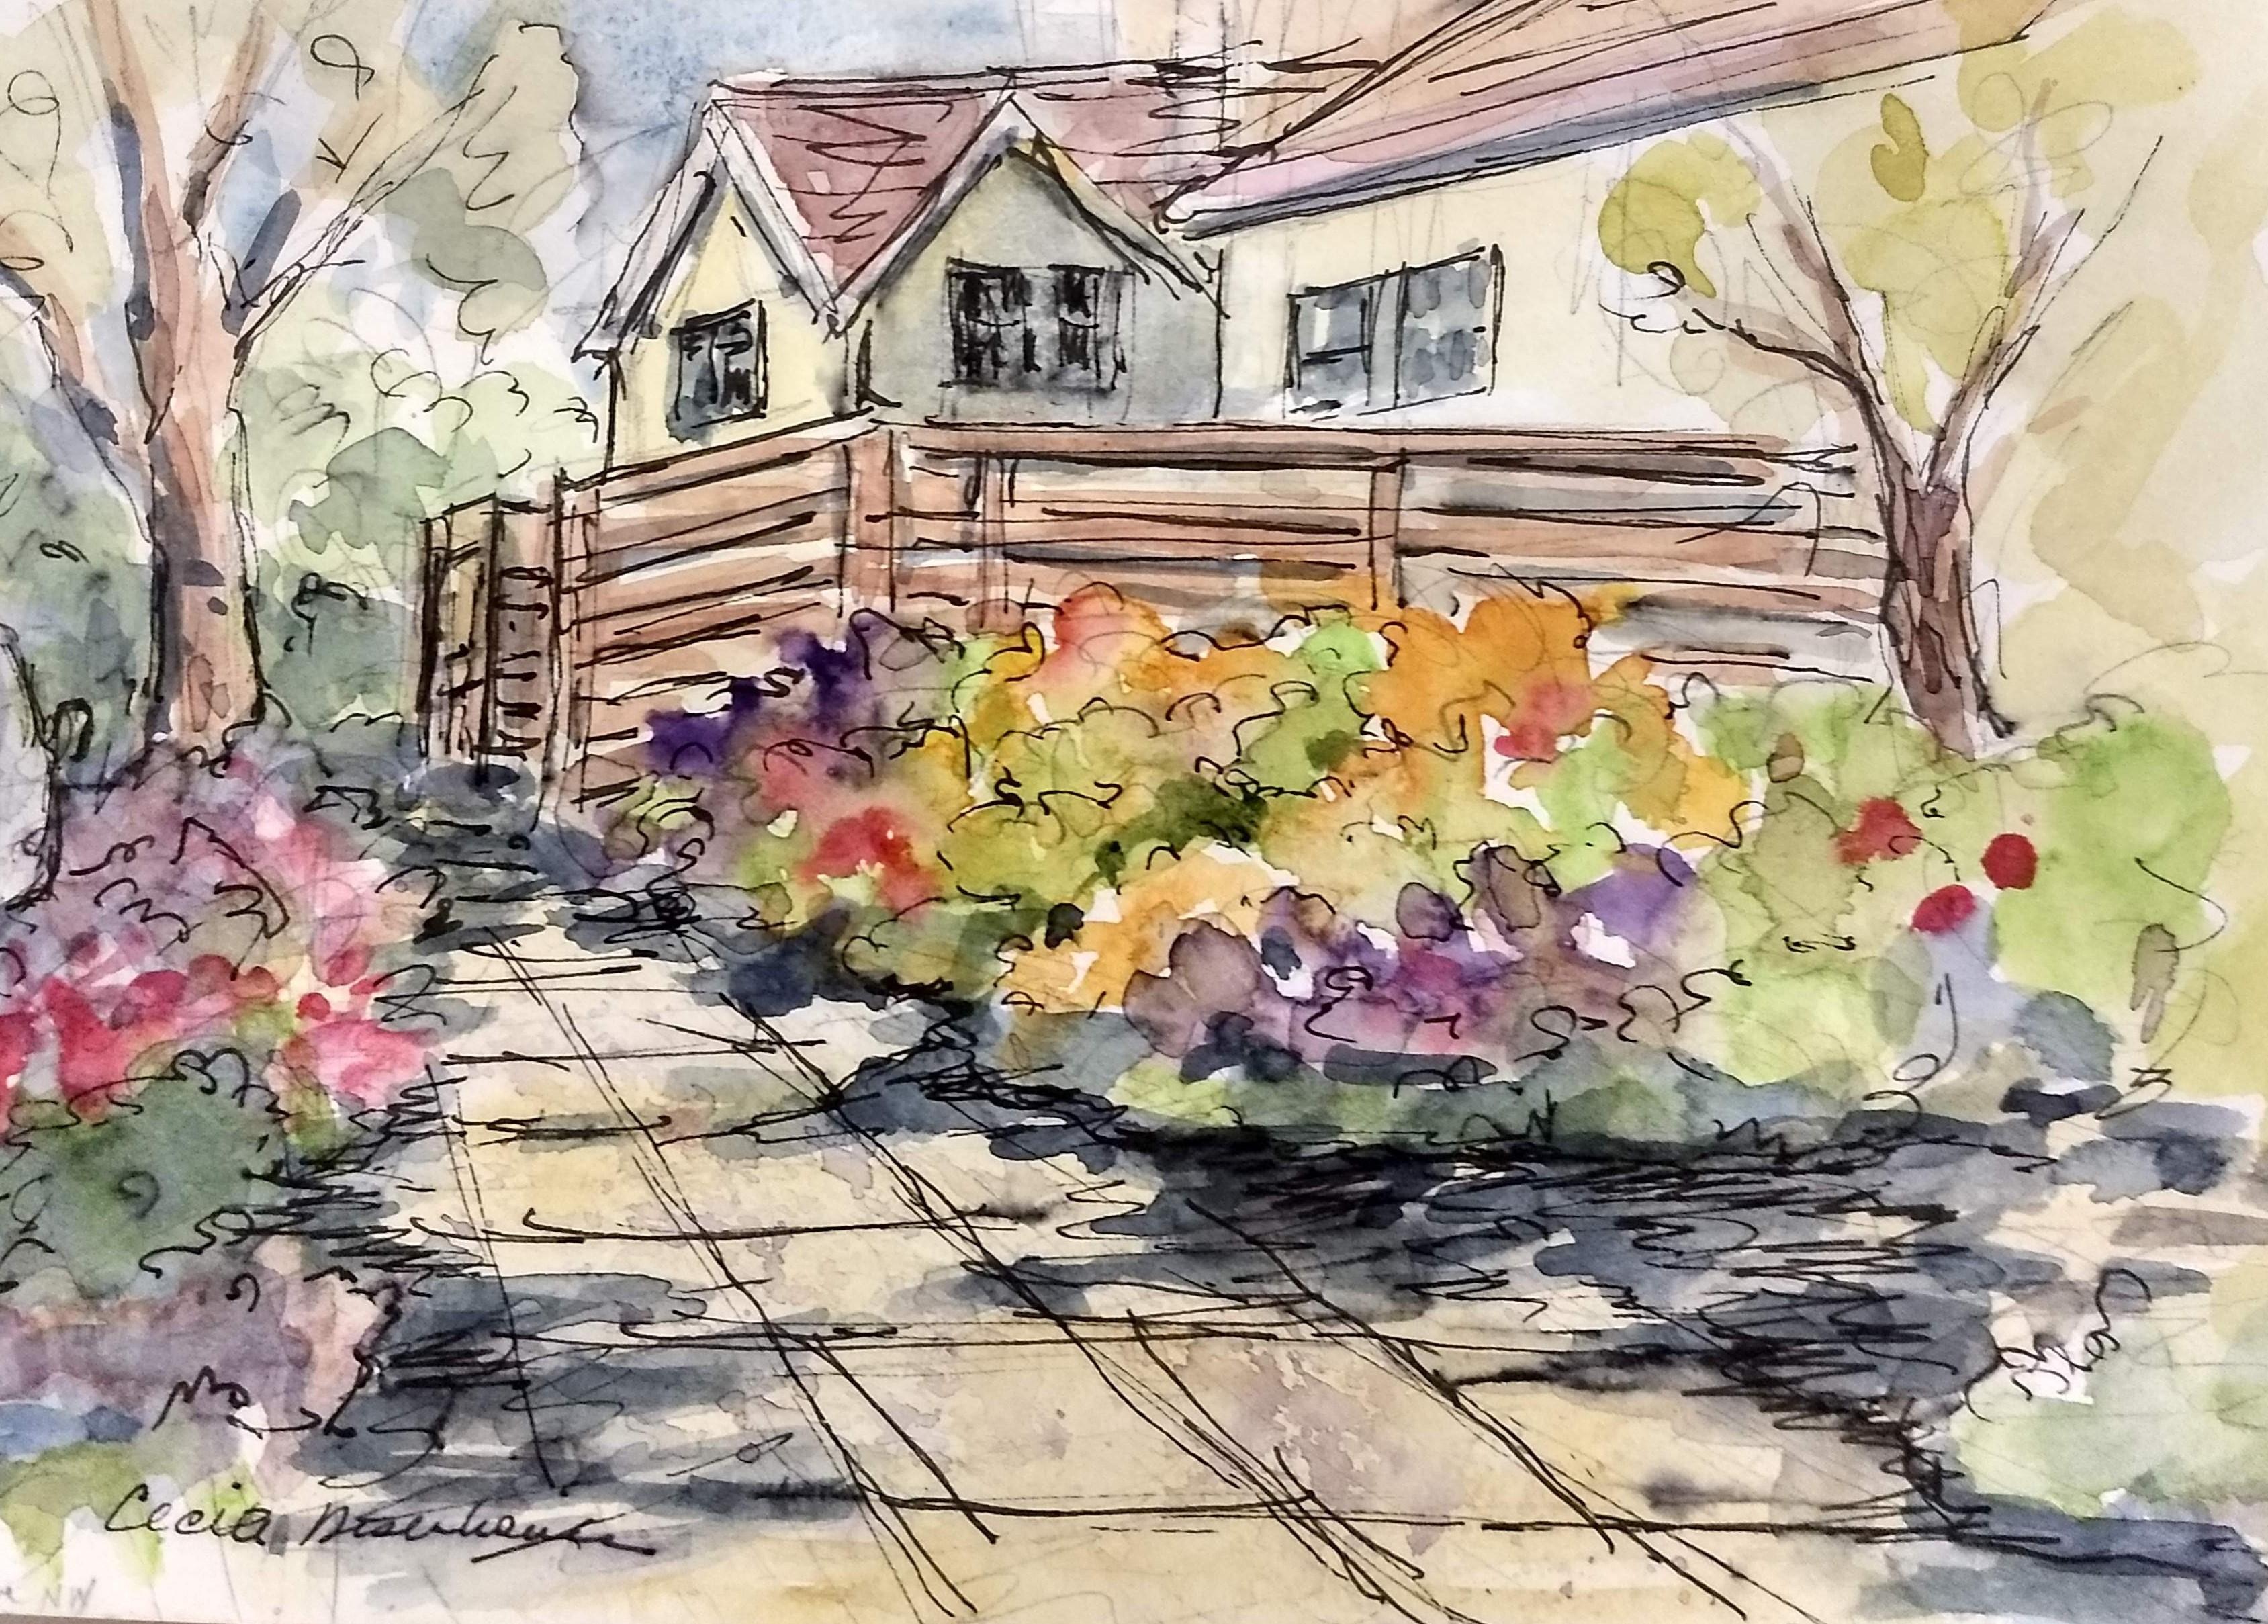 Cecile's watercolor